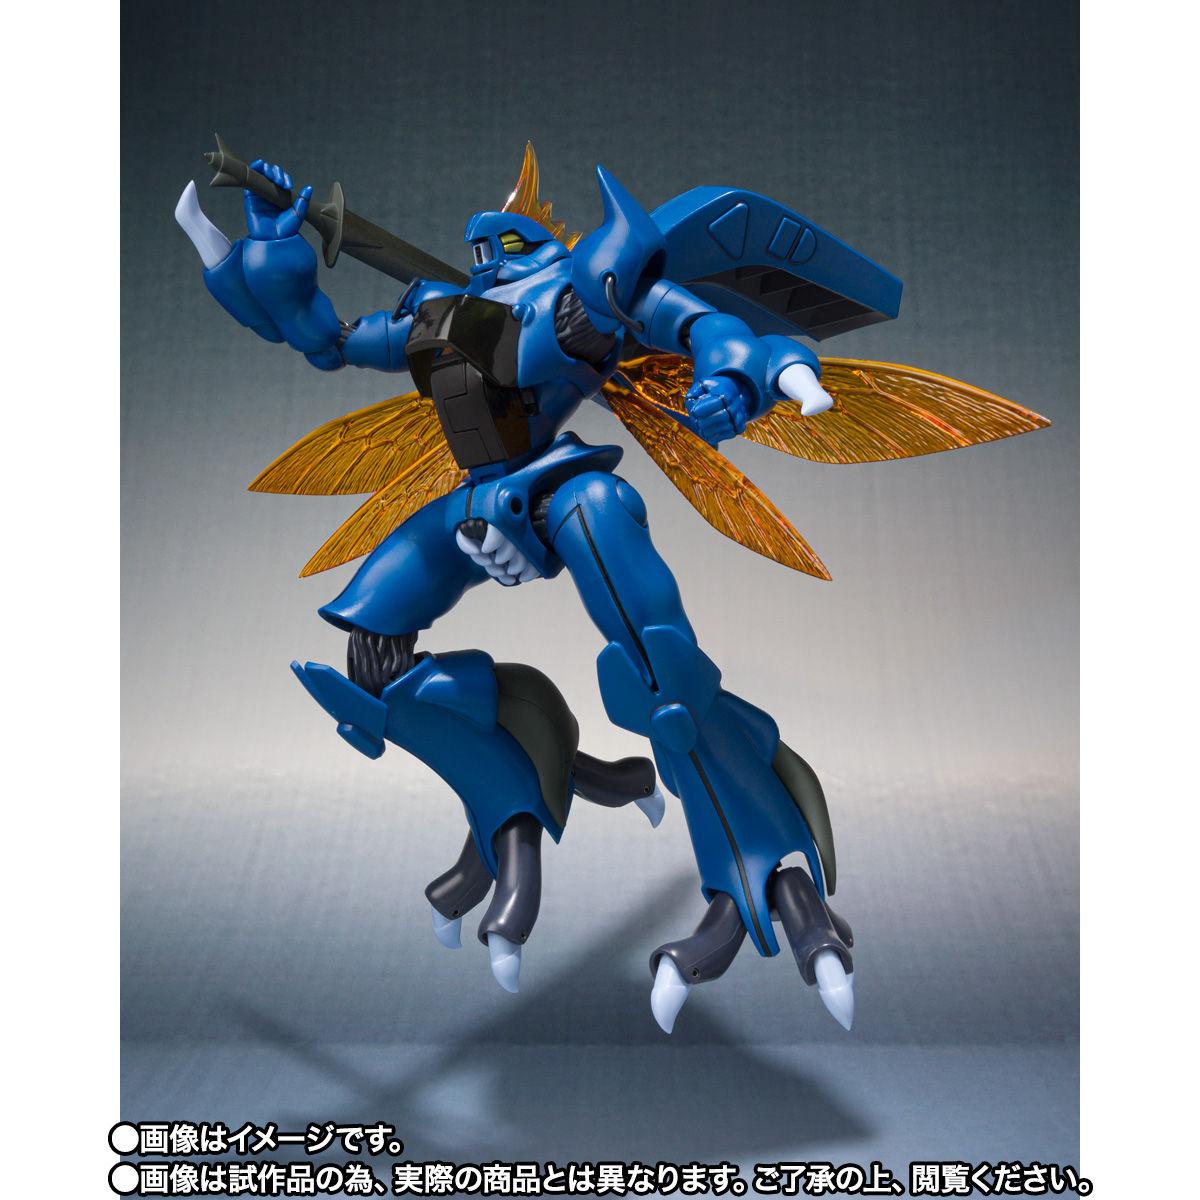 【限定販売】ROBOT魂〈SIDE AB〉『ビランビー & ユニコン・ウー セット』可動フィギュア-009